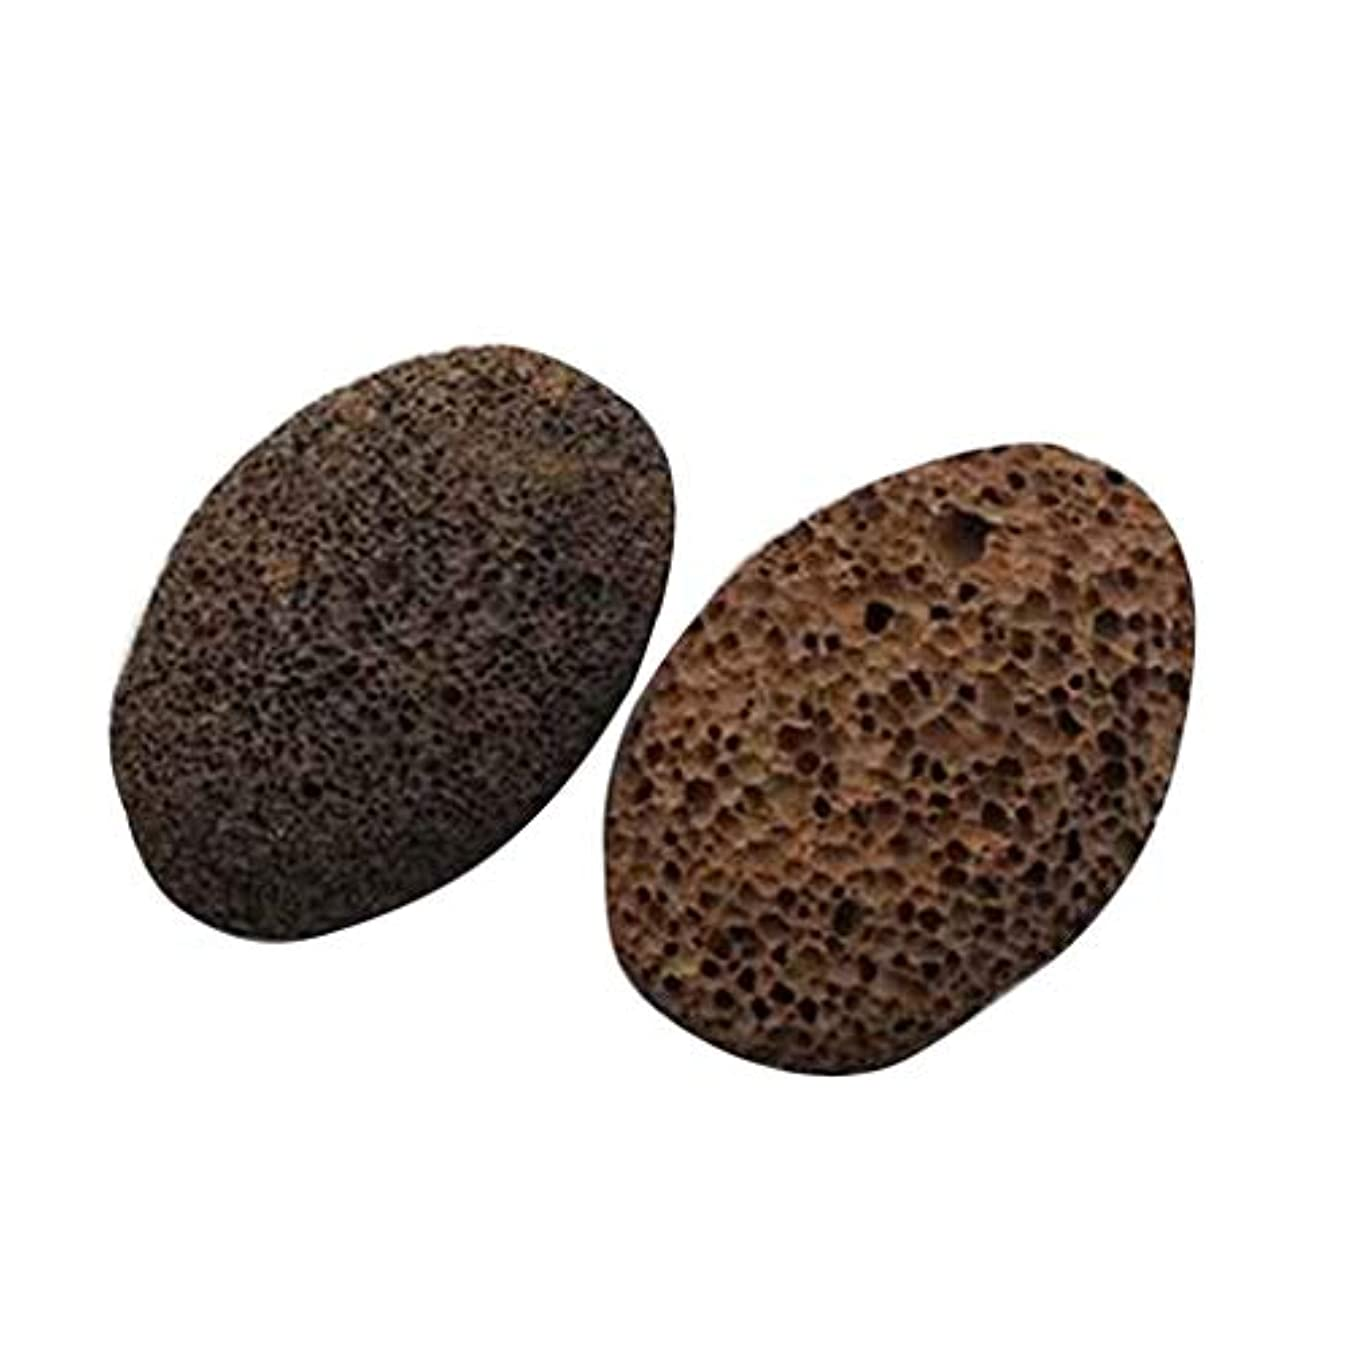 脅威ジョリーアーサーコナンドイルVonarly ワイプ足石 死んだ皮軽石を取り除き 足石を挽いて 自然の火山石を剥がします 足マッサージ石 2個セット